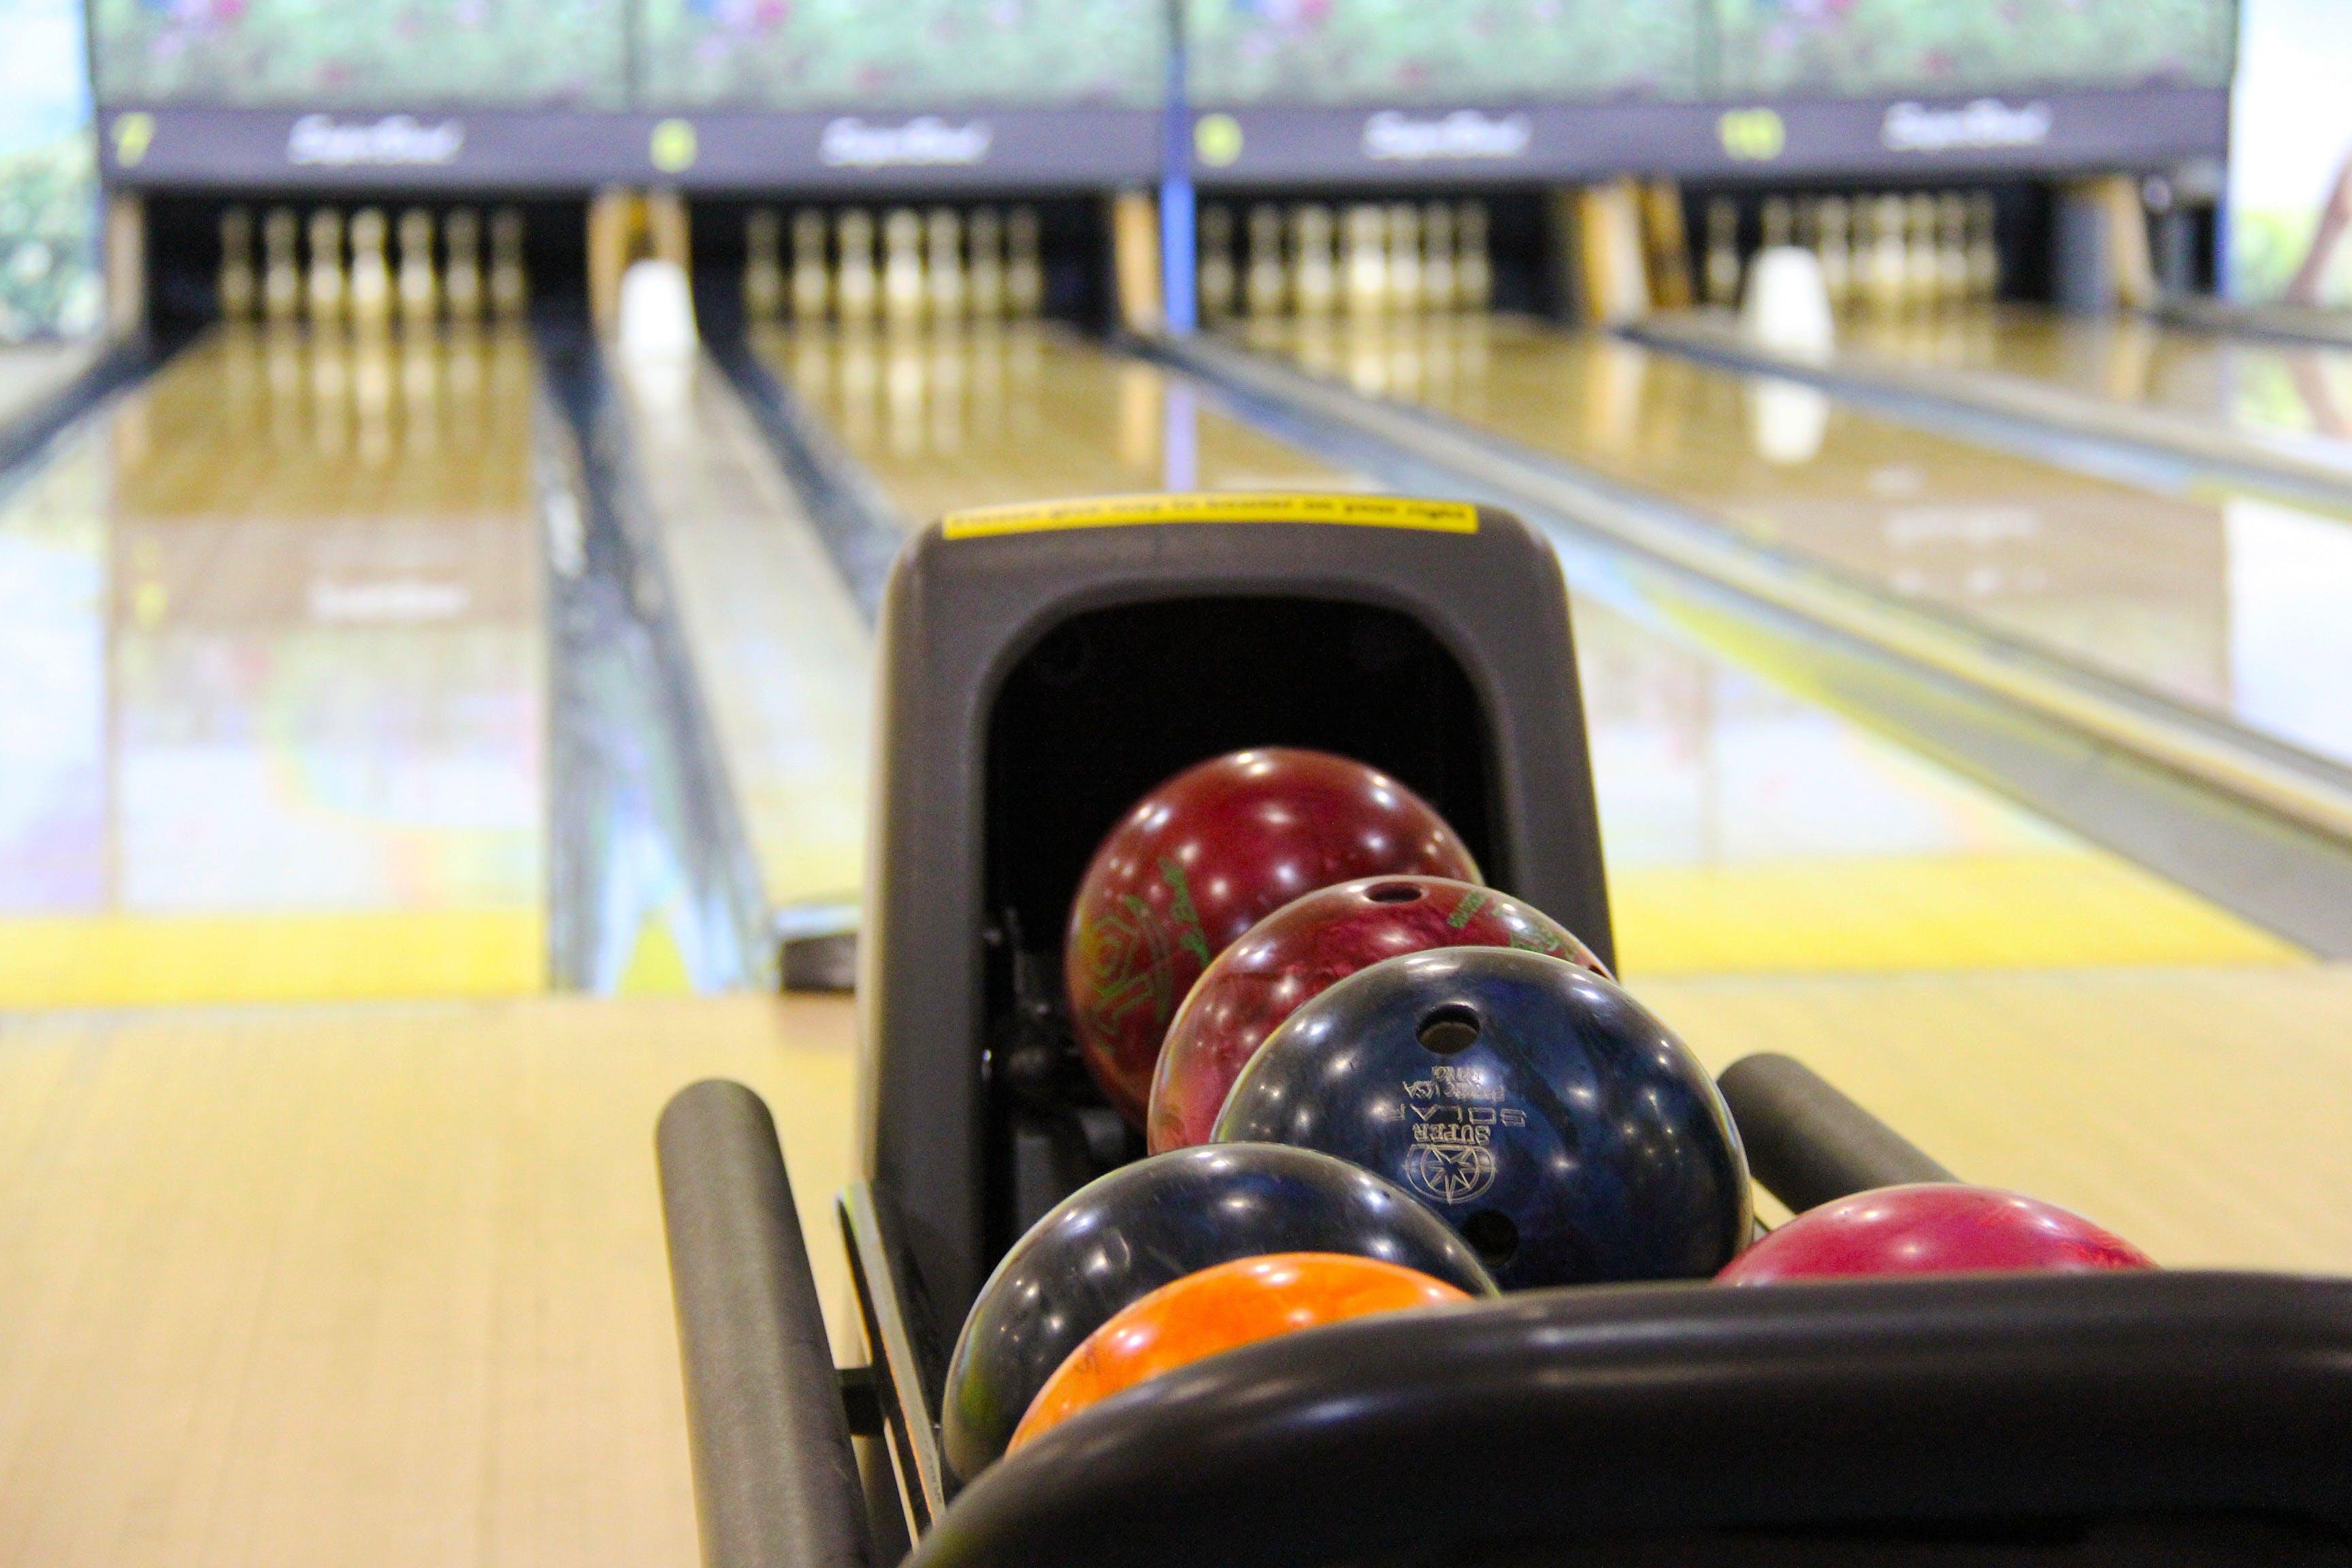 Gratis stockfoto met bordspel, bowling, bowlingballen, sport